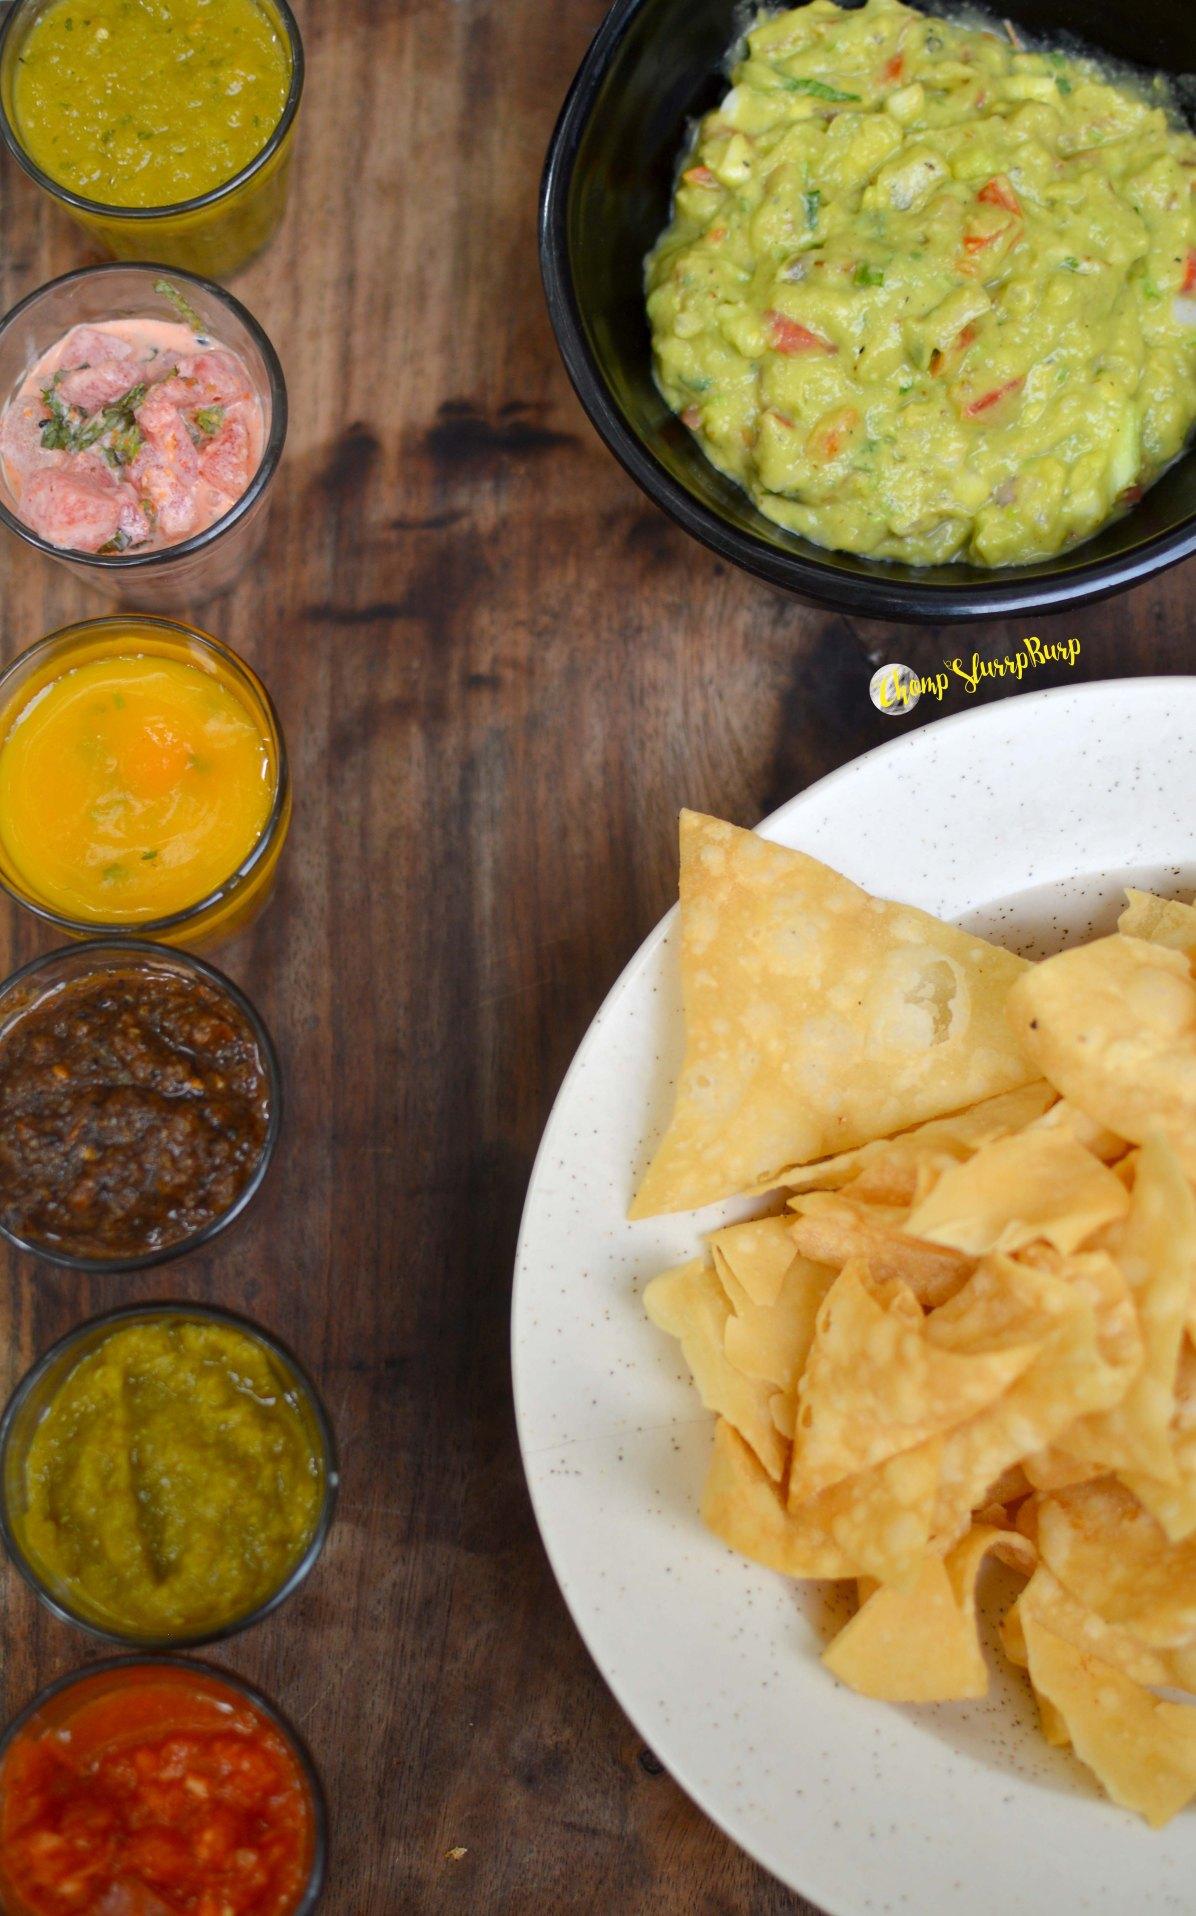 Guacamole and salsa carnivale